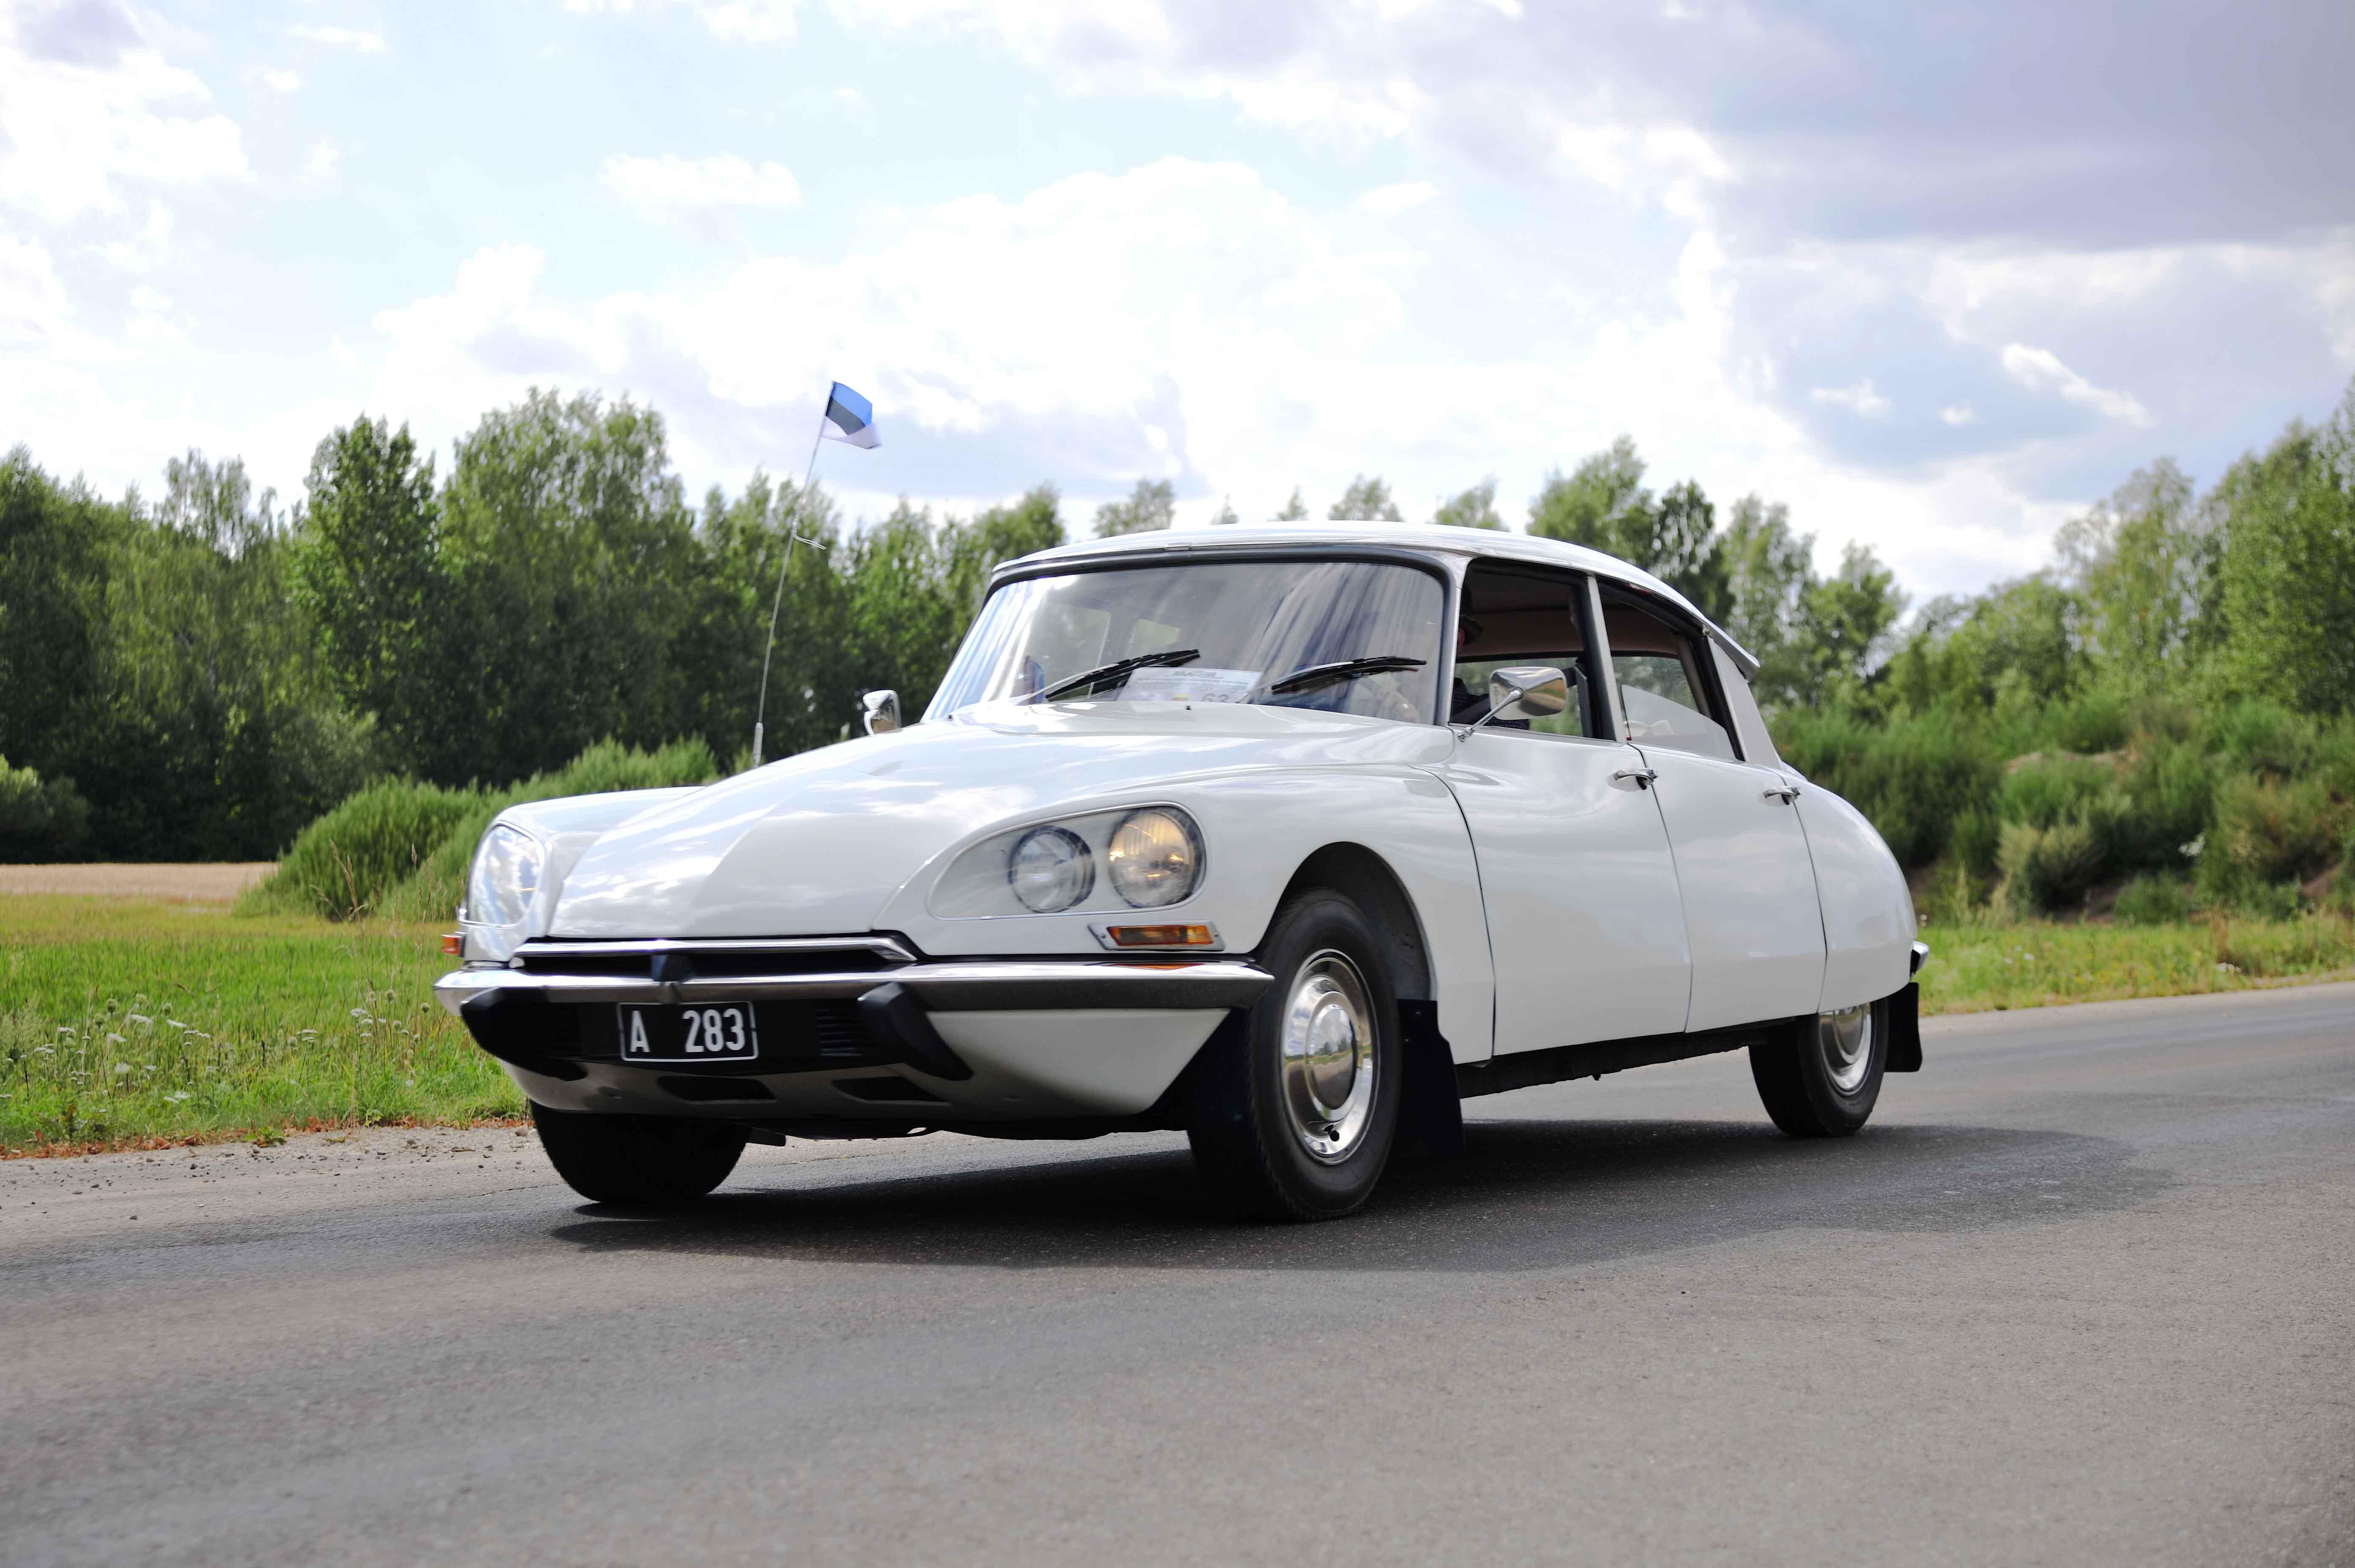 Gražiausias automobilis – Citroen ID 19B Speciale, pag. 1970 m. Savininkas – Toomas Greenbaum (Estija) | I. Daubaraitės nuotr.